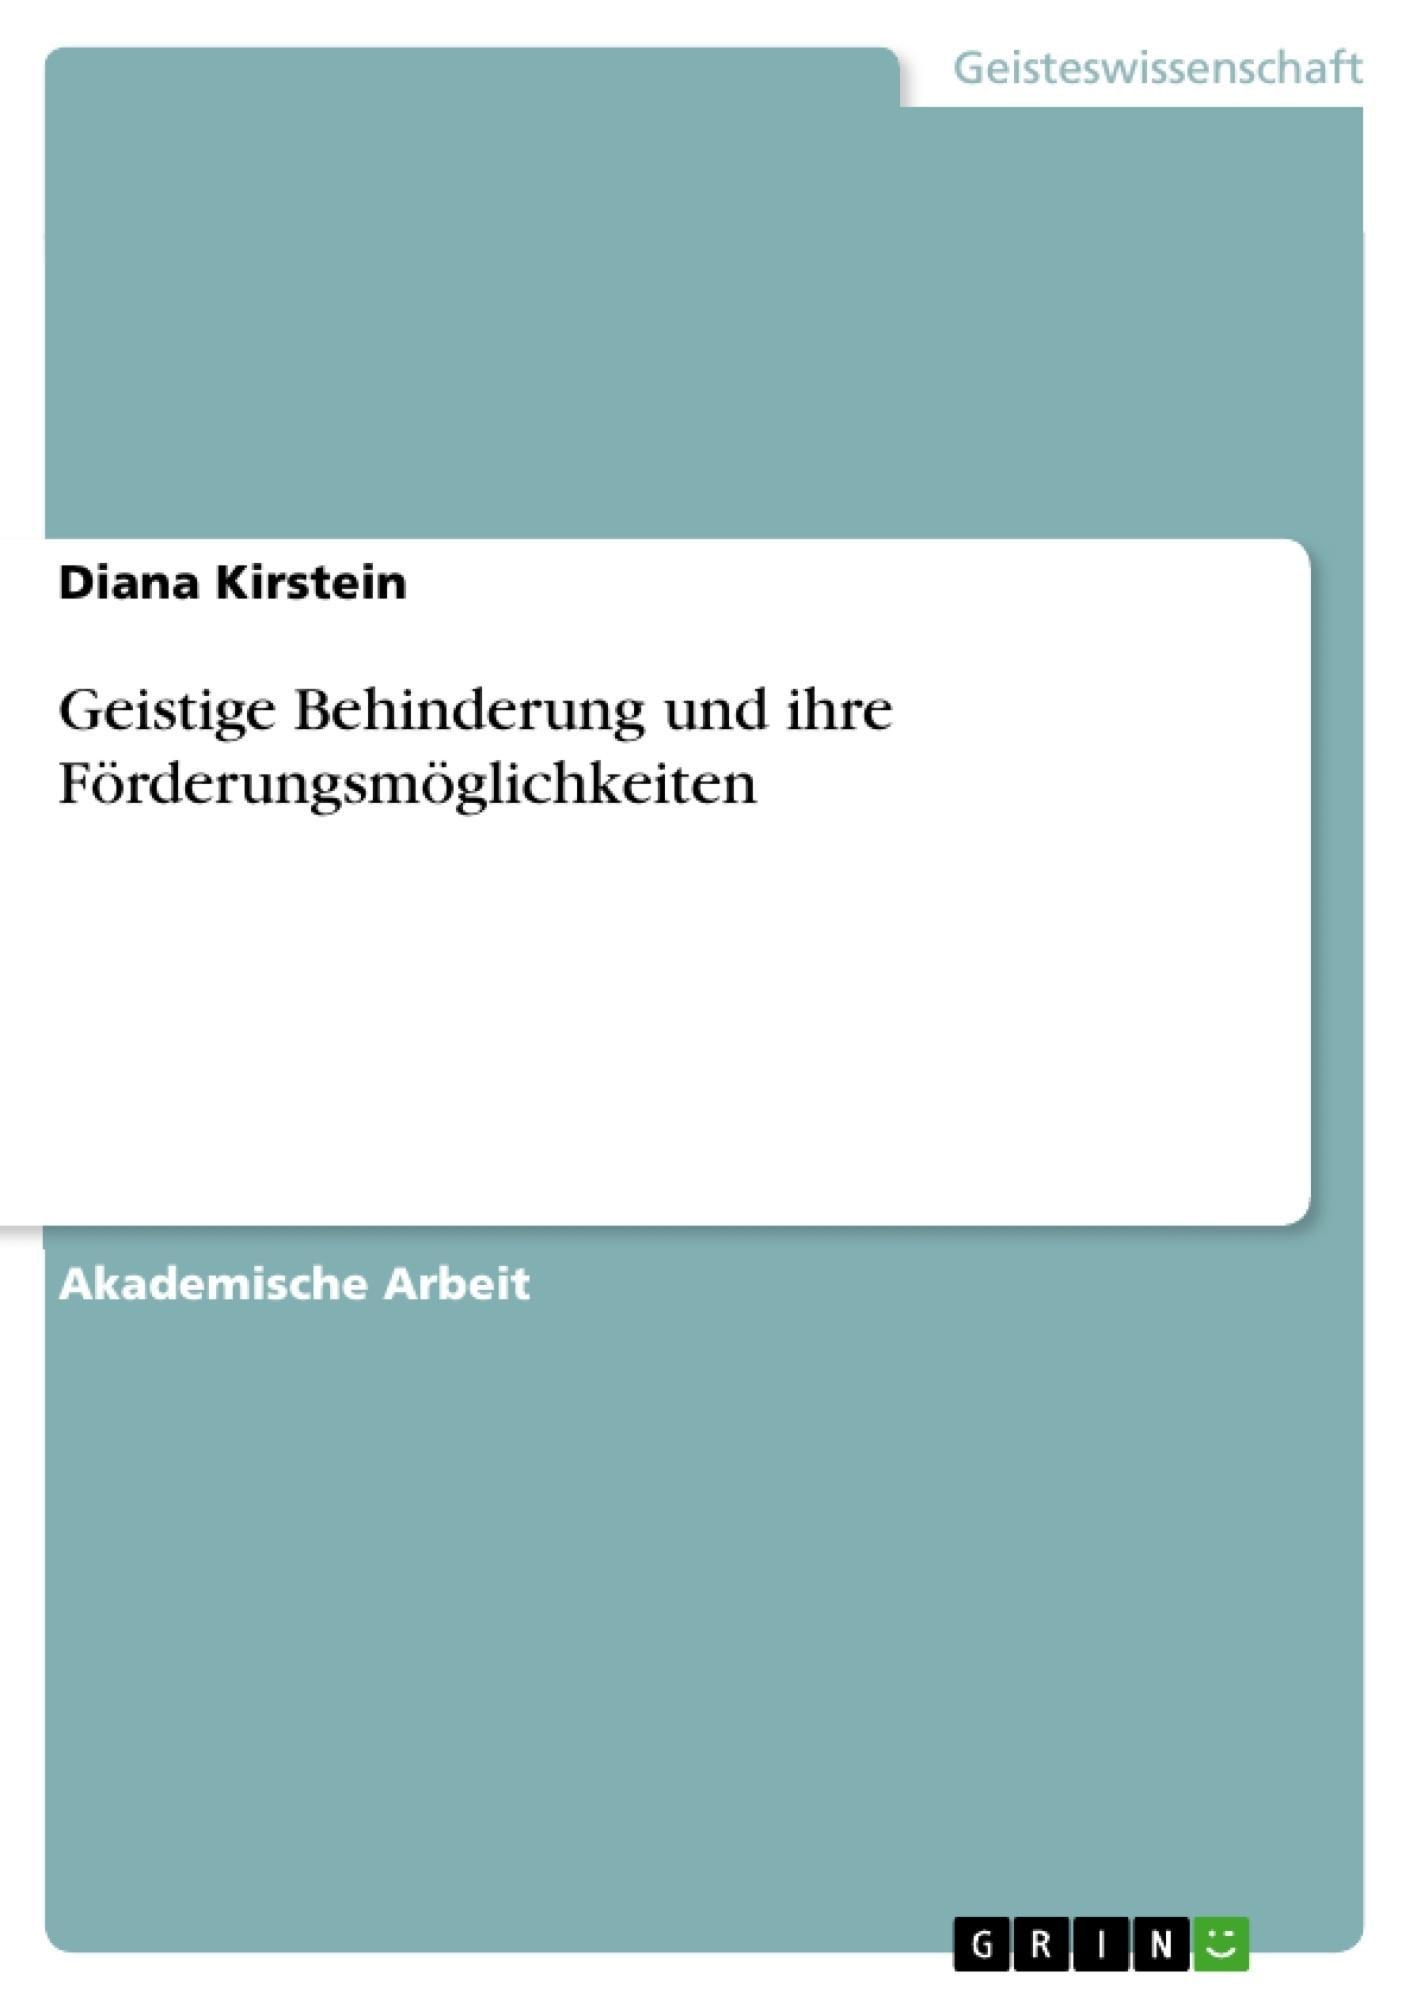 Titel: Geistige Behinderung und ihre Förderungsmöglichkeiten